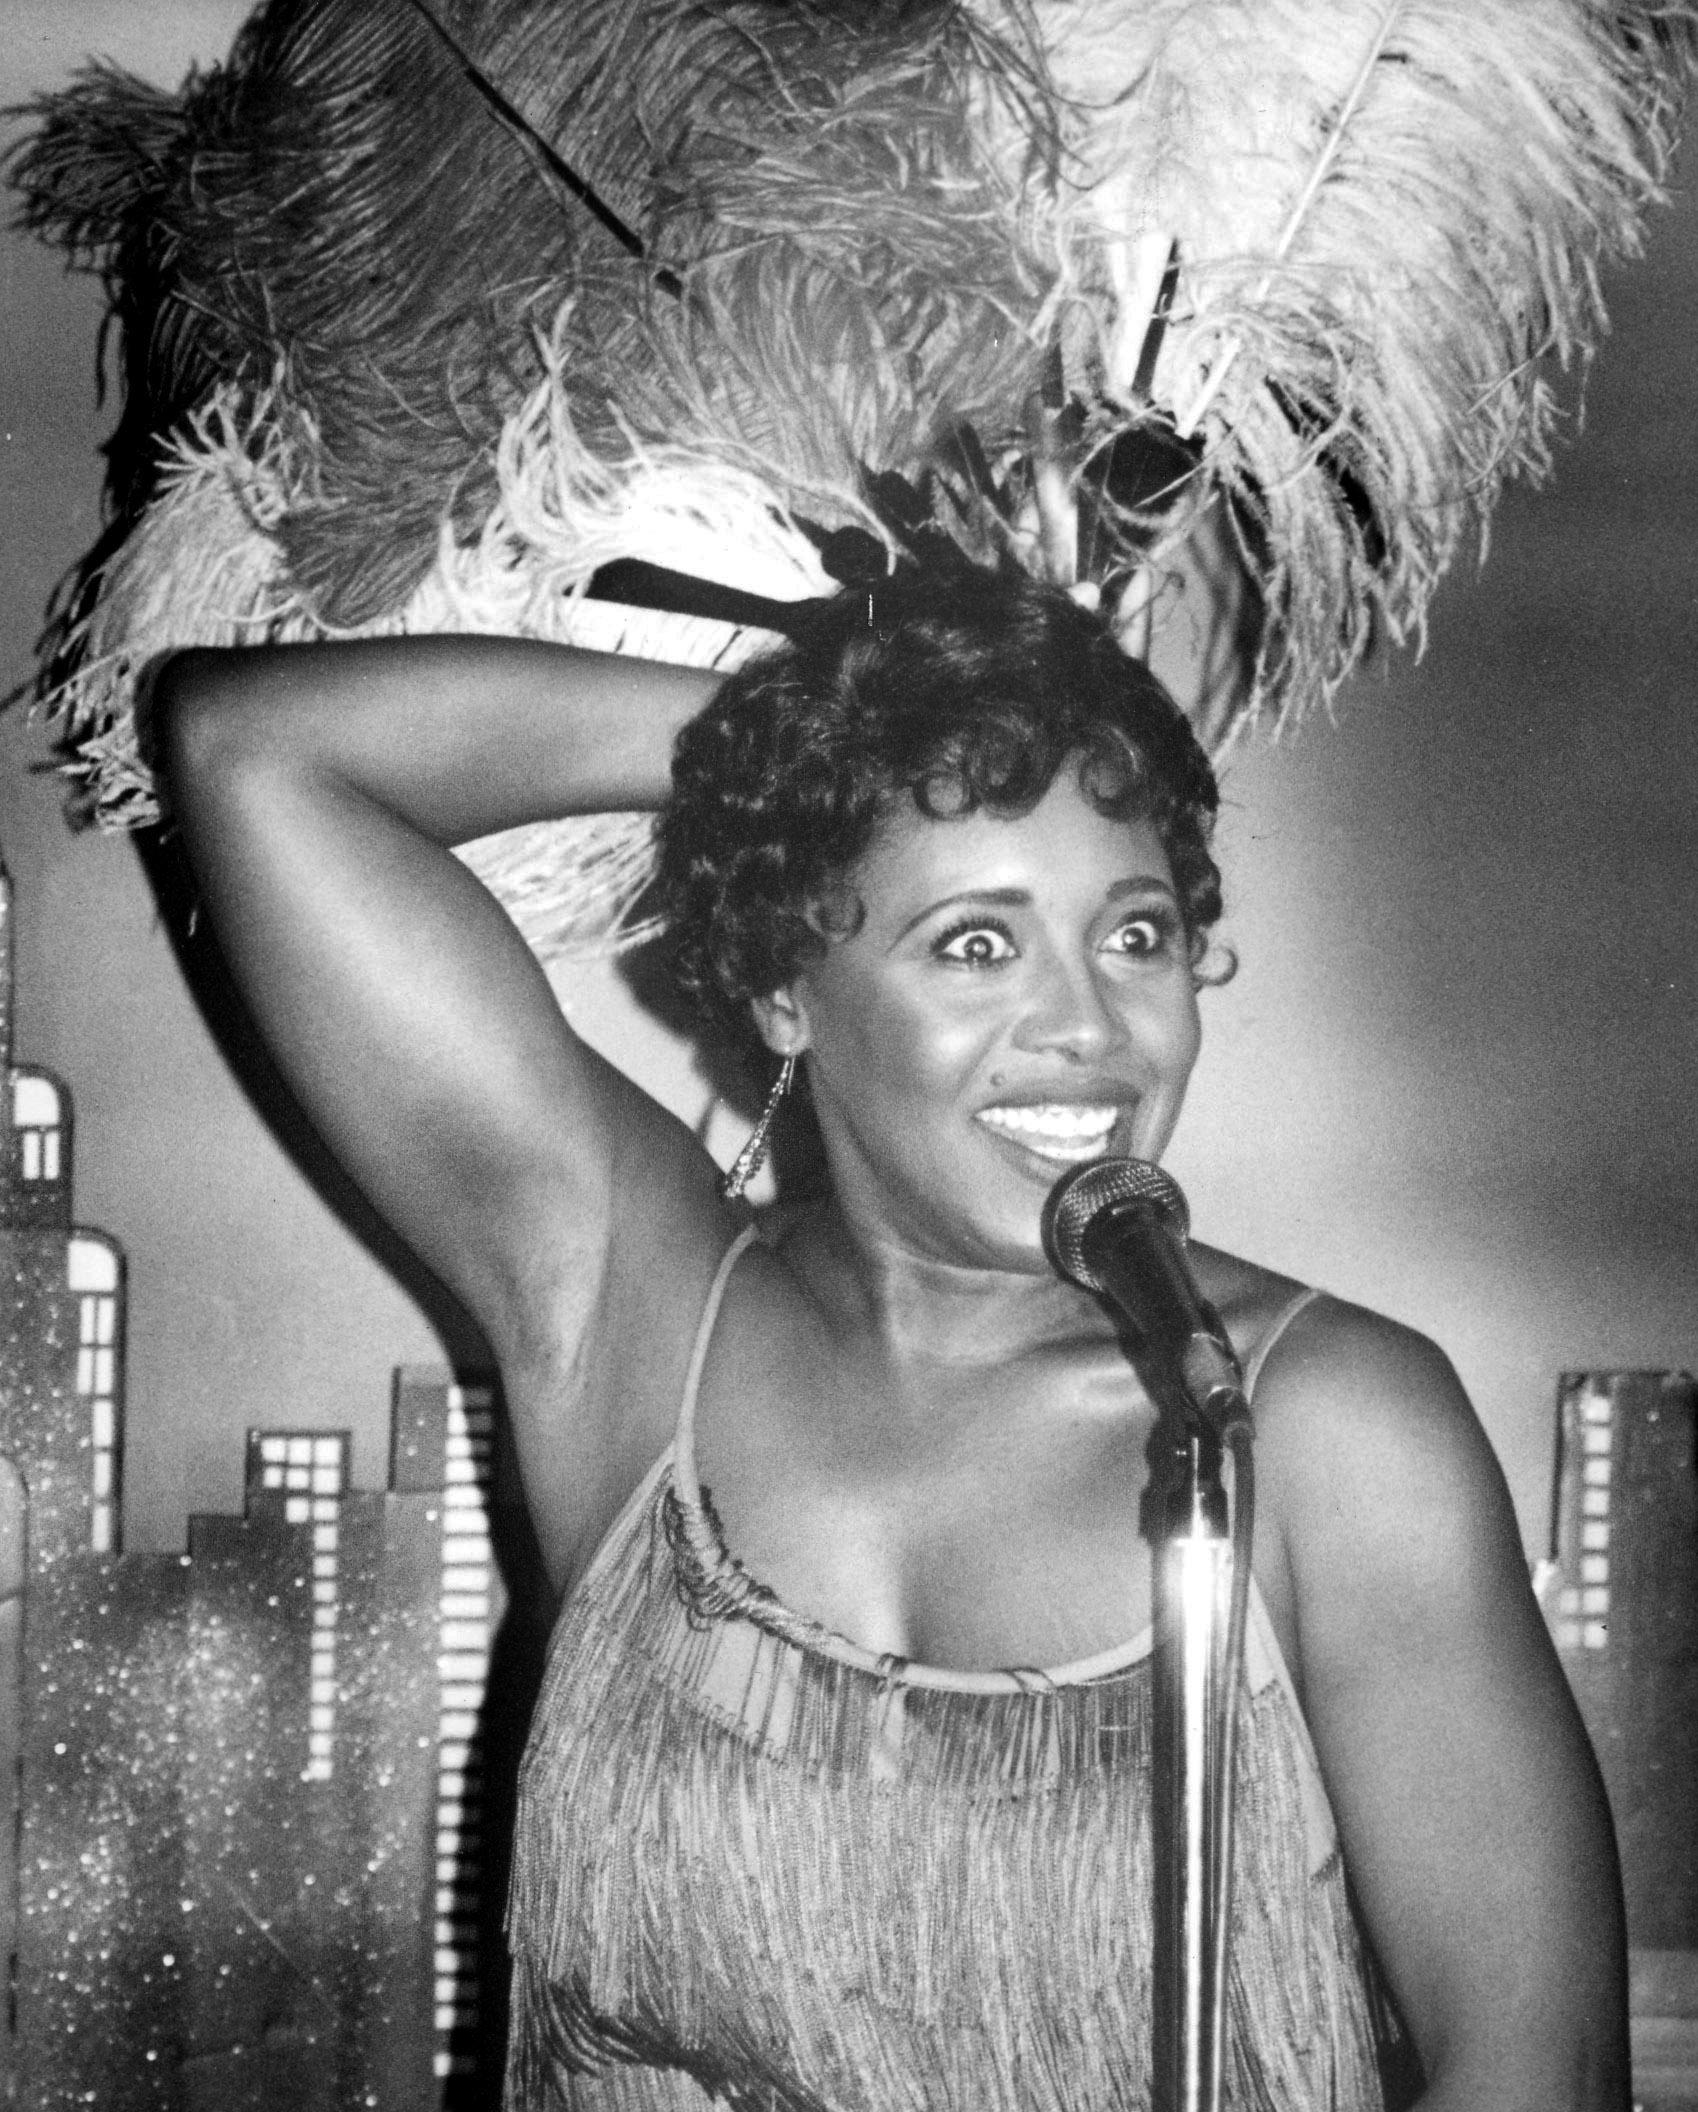 Rose Weaver as Ethel Waters